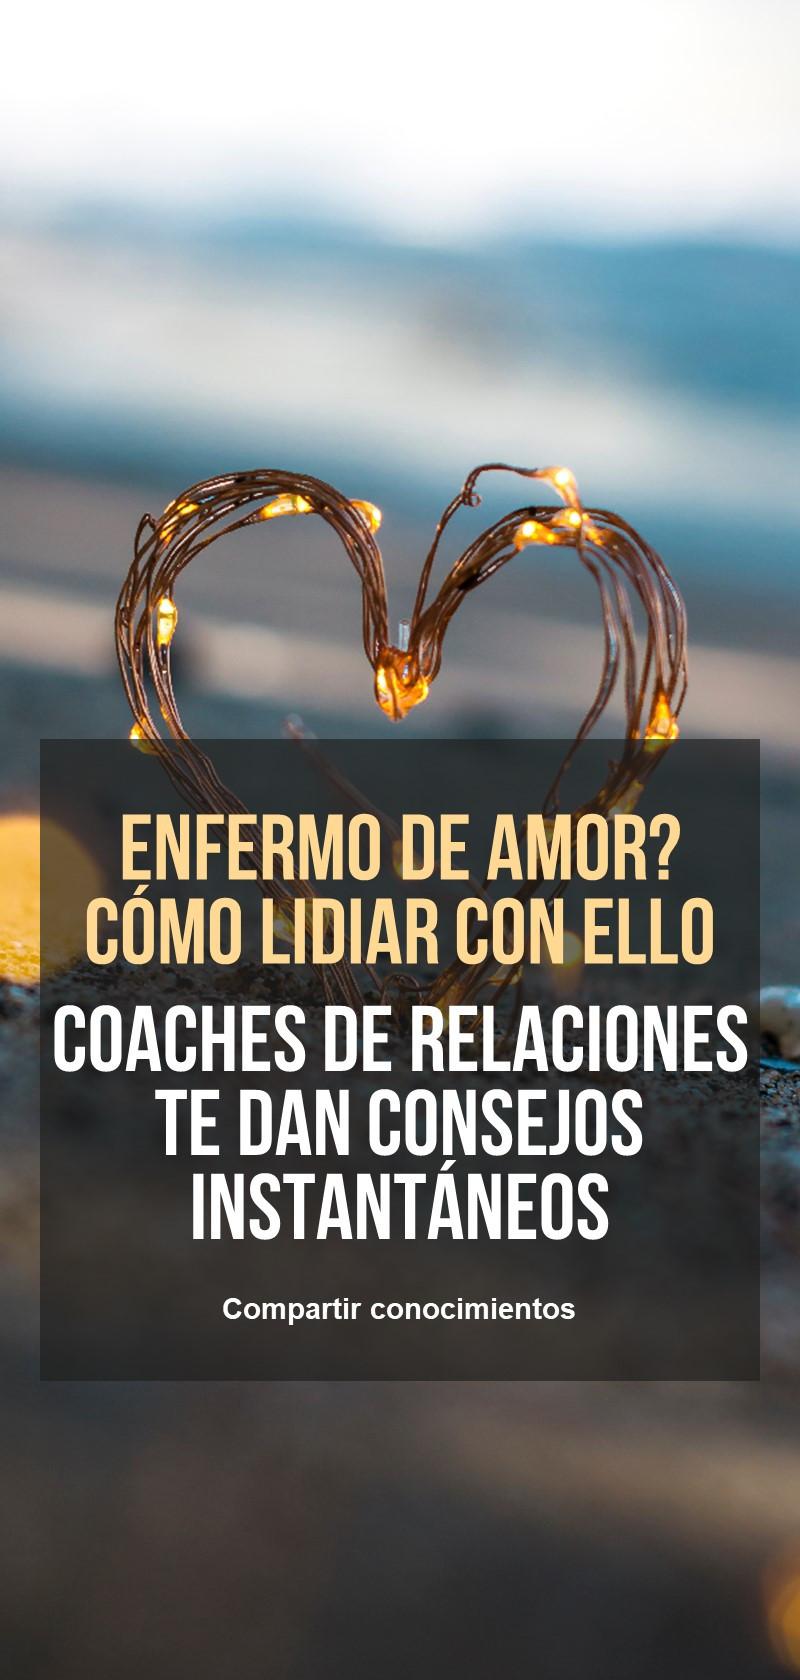 Coaches de la pena del amor